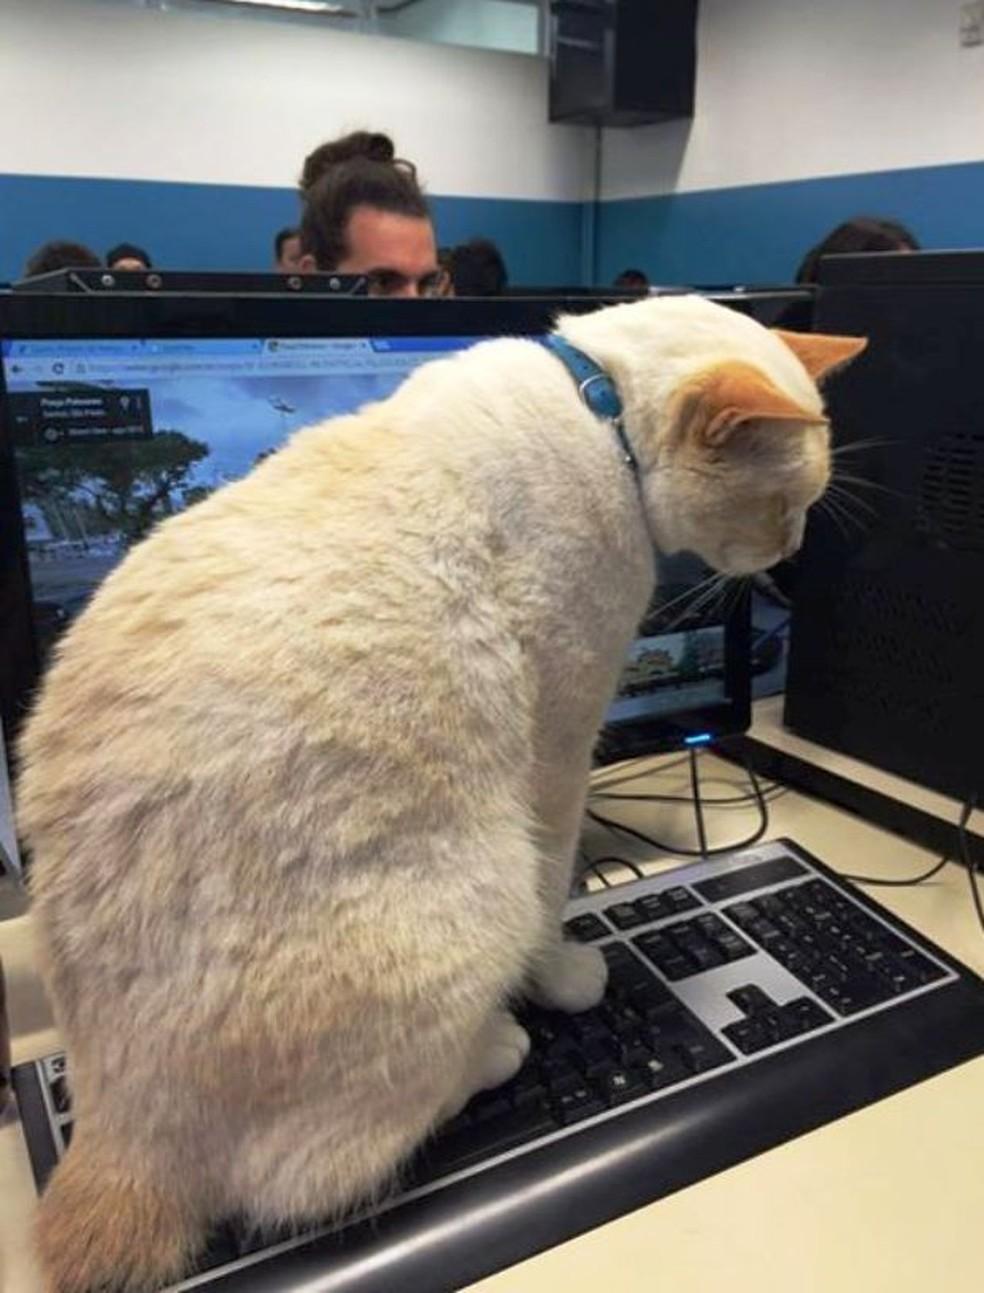 Branco adora ficar no laboratório da faculdade — Foto: Arquivo Pessoal